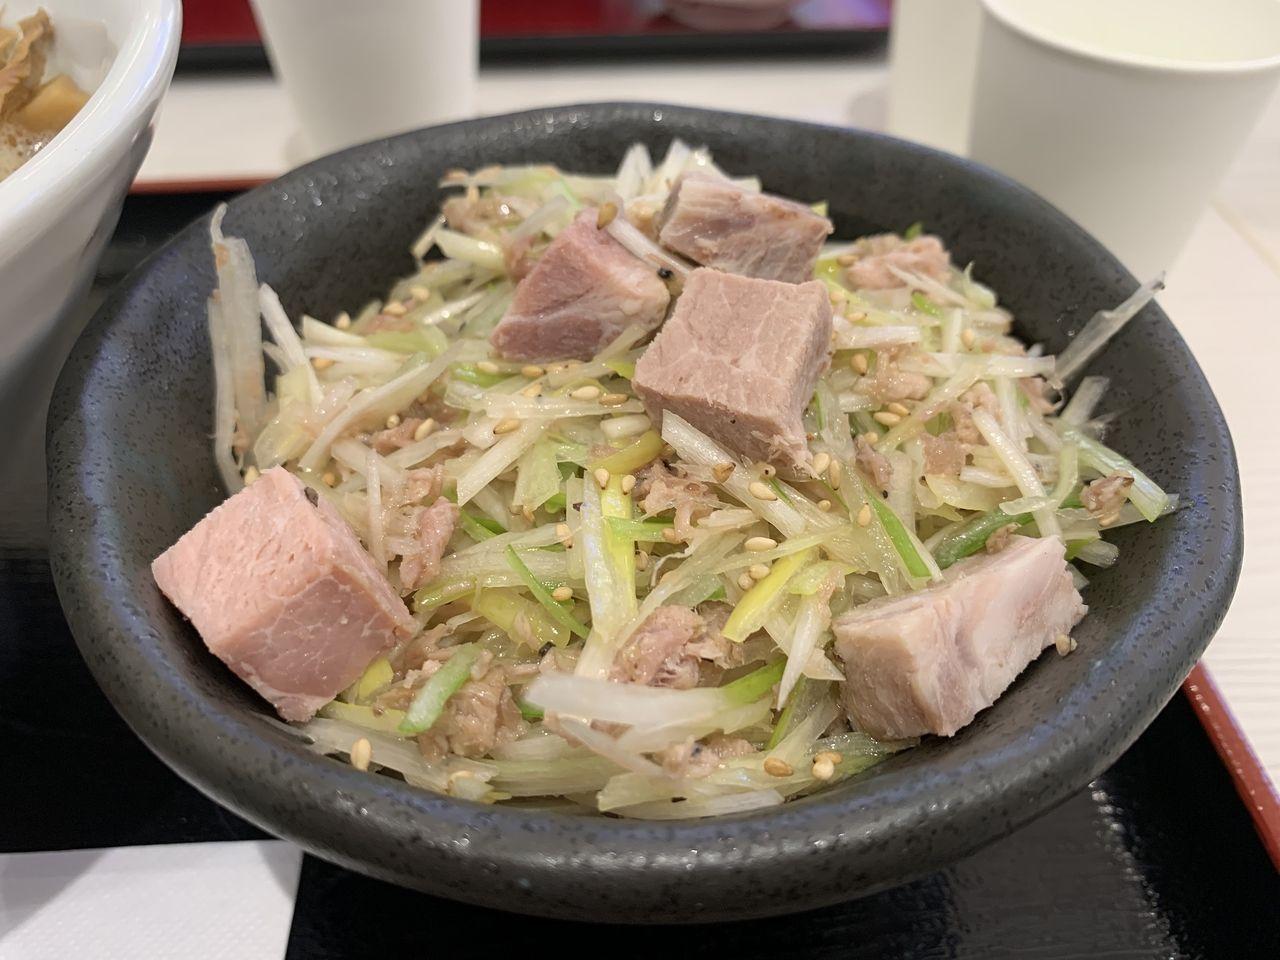 【三郷市食べ歩きブログ】ららぽーと新三郷に入っている麵処「景虎ほん田」に行ってきました!